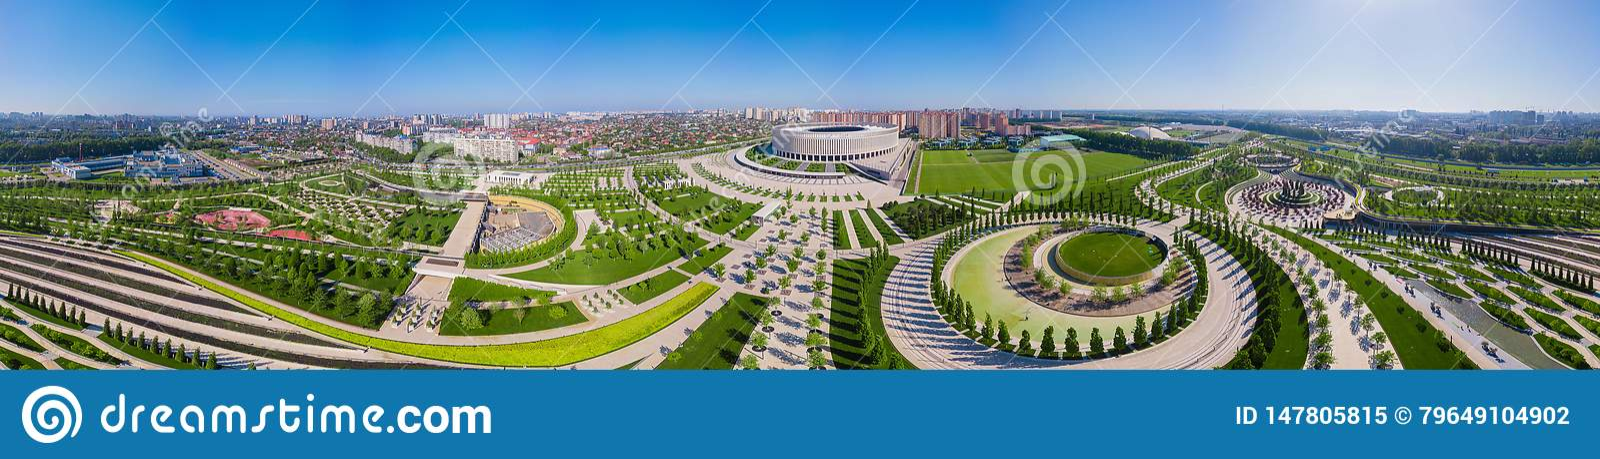 Krasnodar, Rusia - mayo de 2019: Vista panorámica amplia del estadio de Krasnodar y del parque de Galitsky